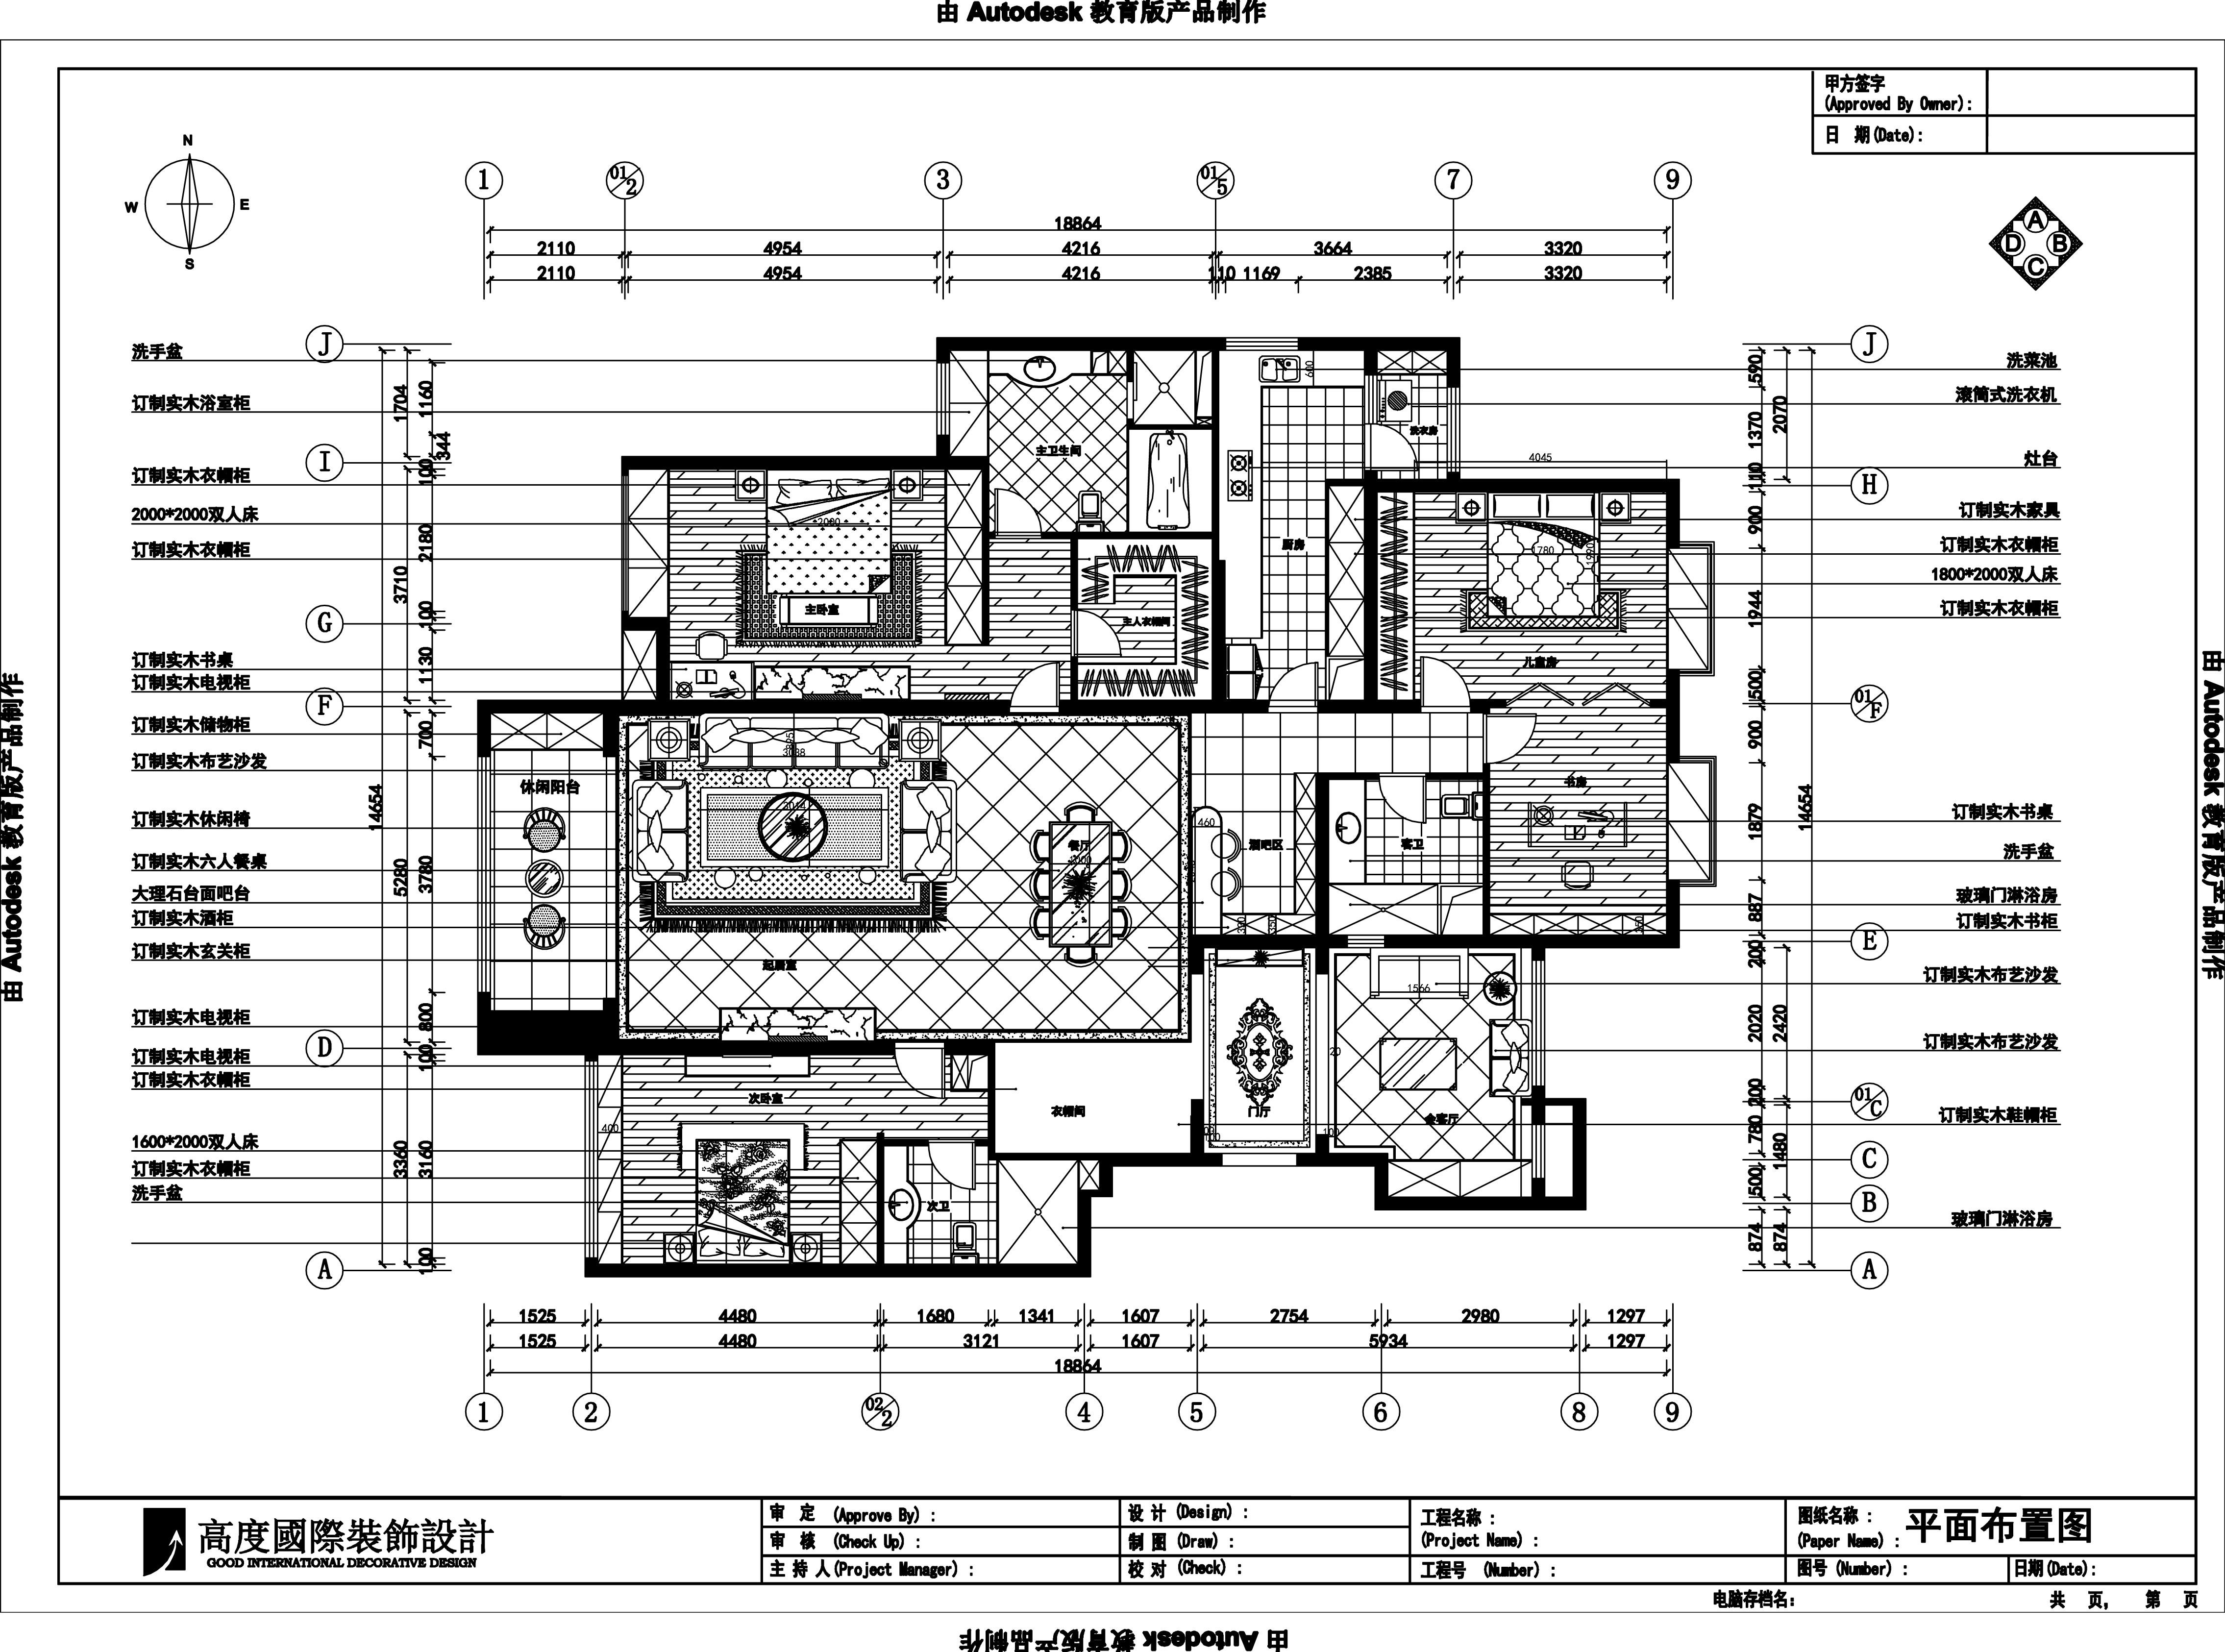 高度国际 御翠尚府 欧式 公寓 户型图图片来自高度国际在高度国际-第一居所的分享